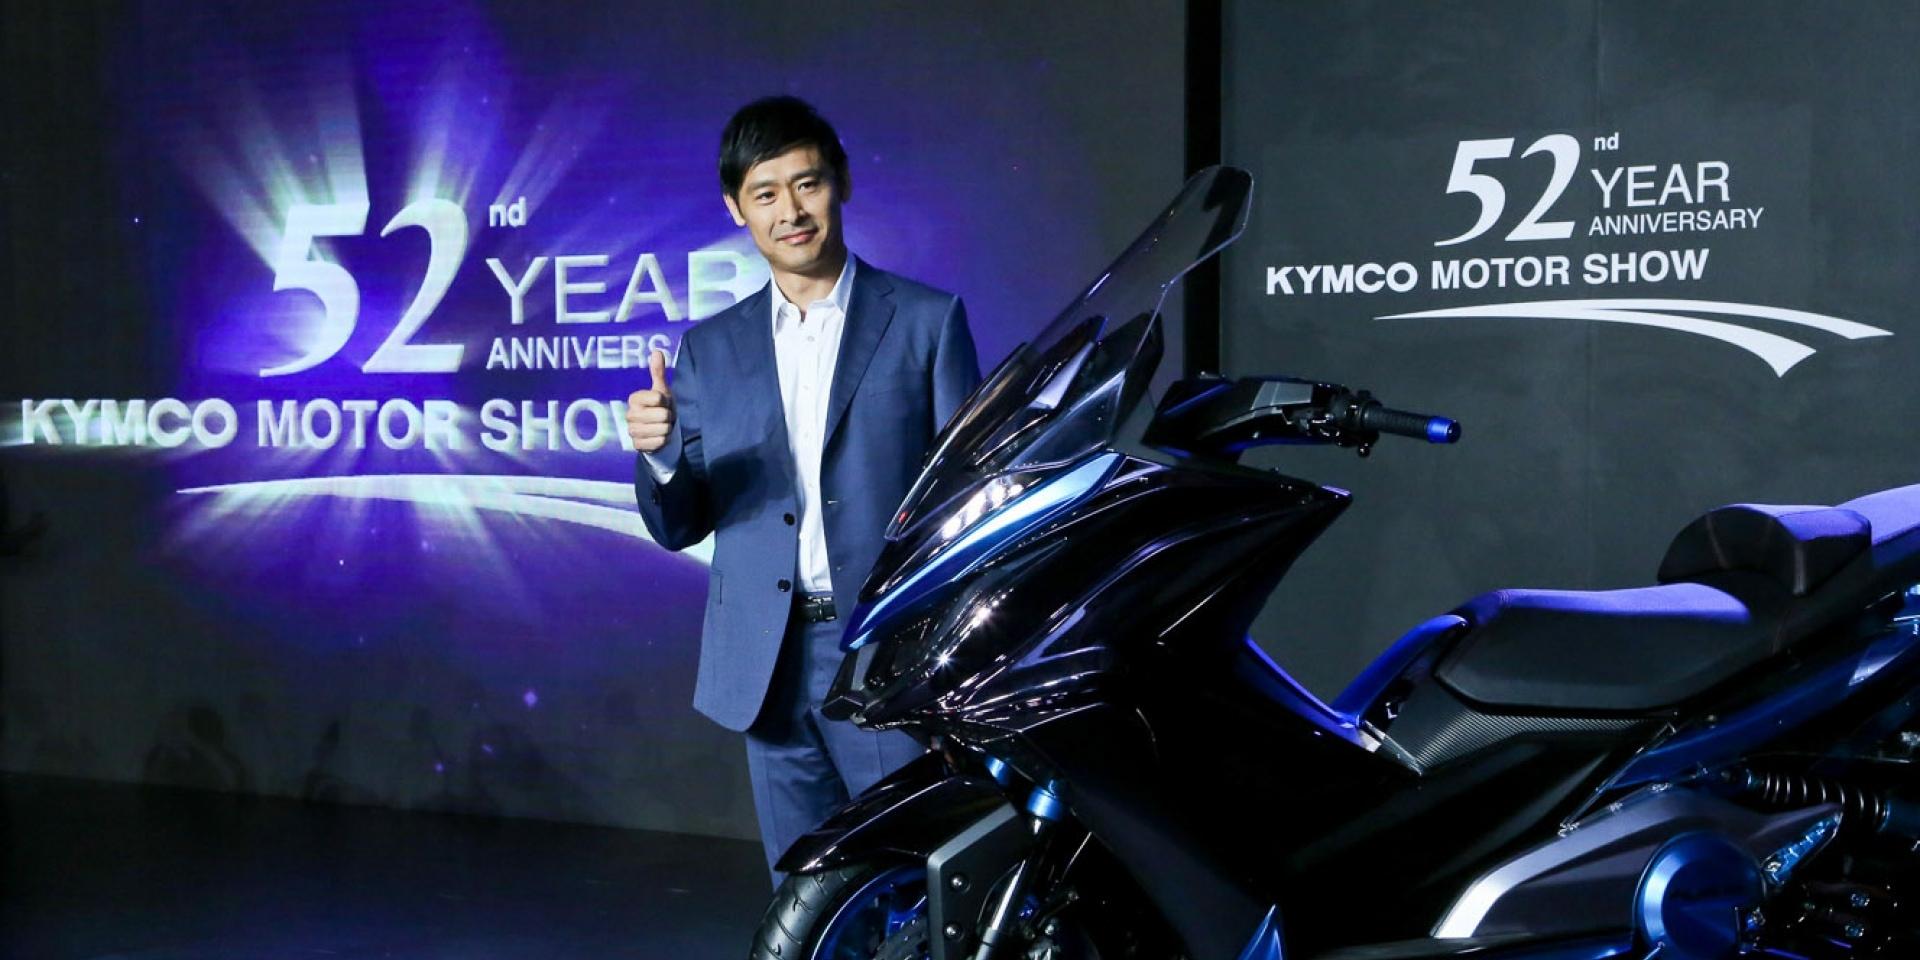 官方新聞稿。KYMCO 52周年慶暨KYMCO Motor Show全明星發表會